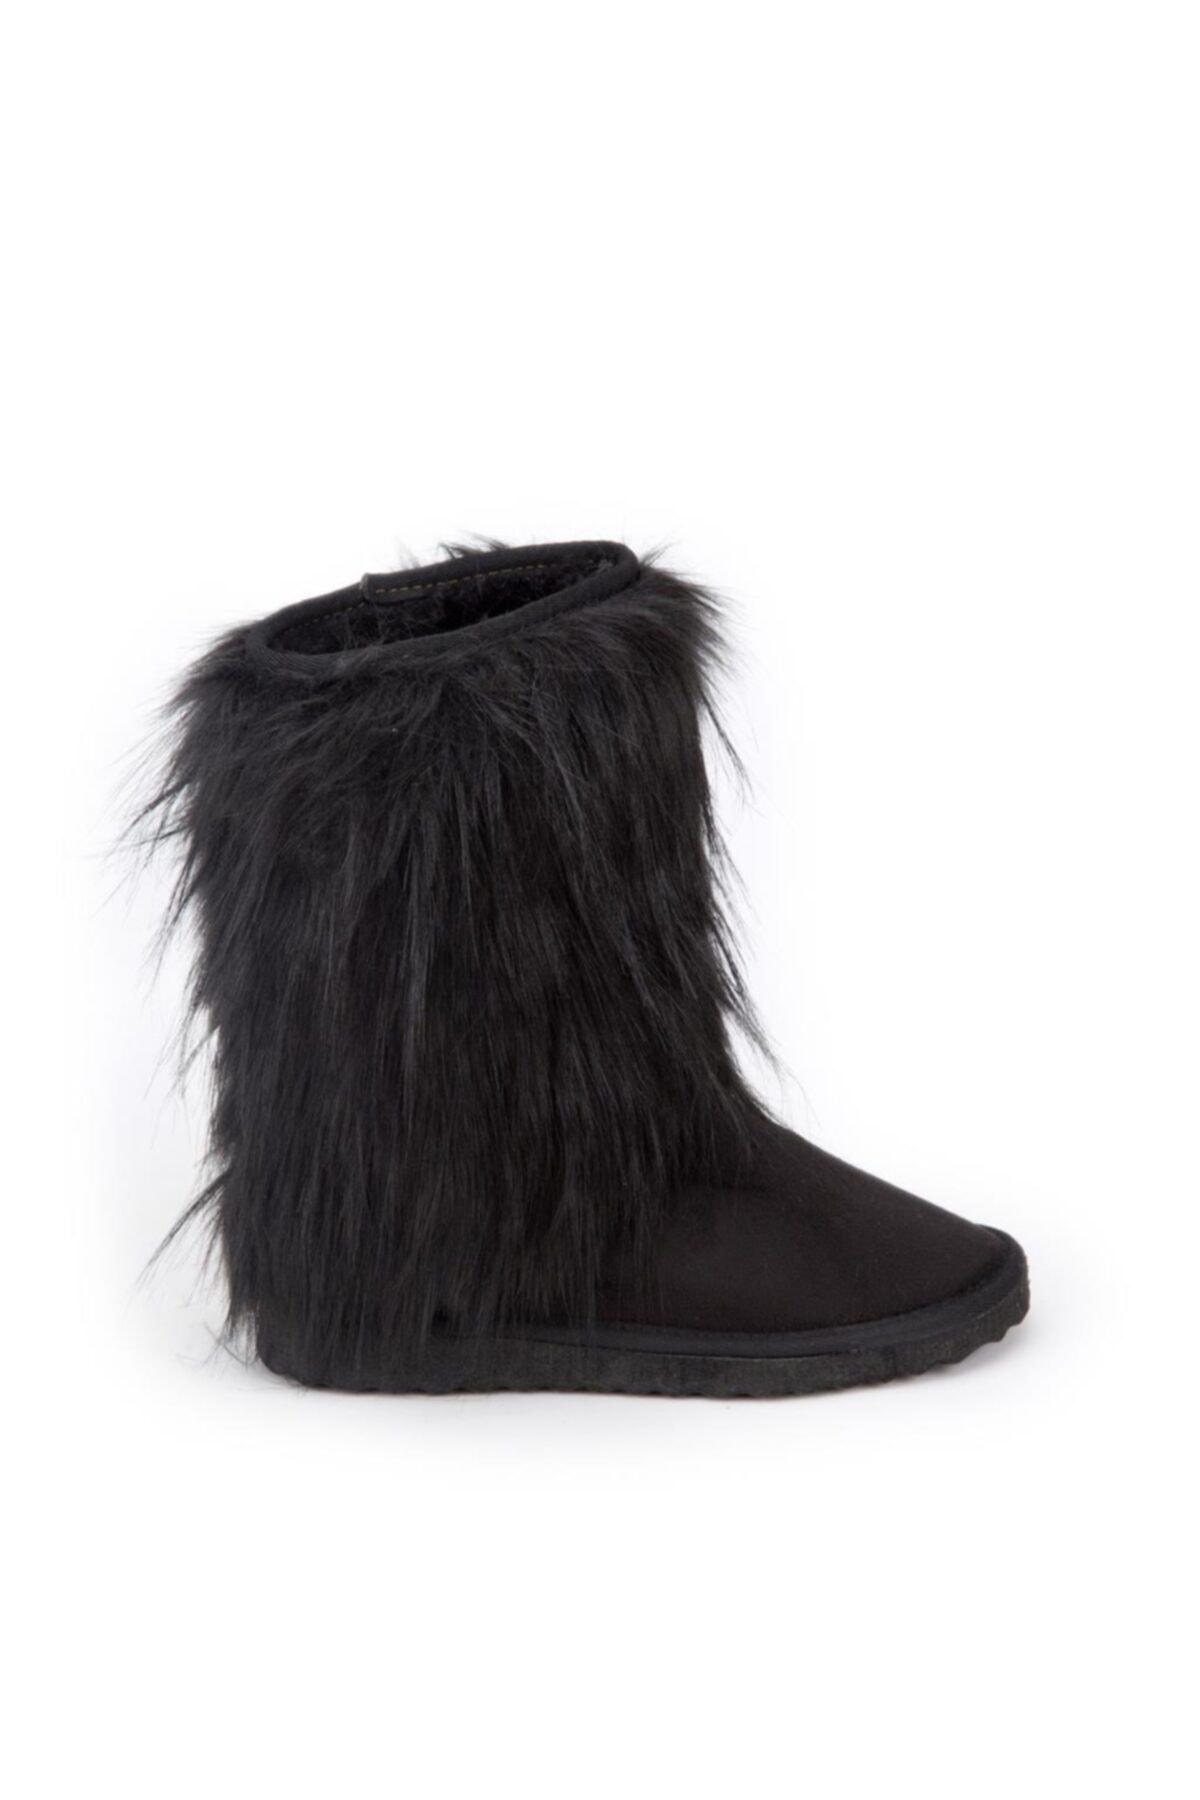 Antarctica Boots Kürk Detaylı Içi Kürklü Eva Taban Süet Siyah Çocuk Bot Atkodps507s 2